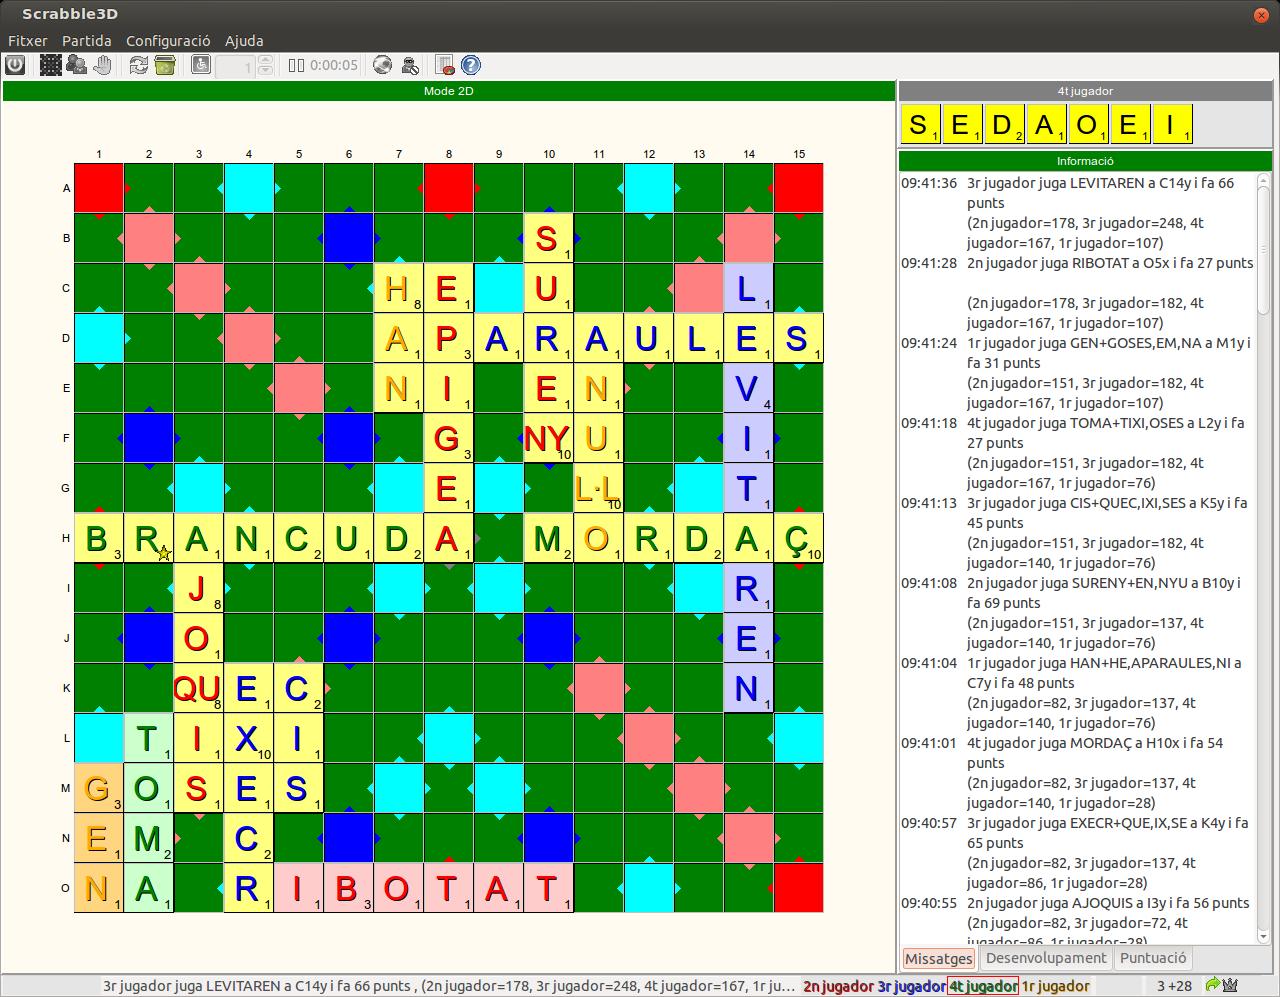 Imatge destacada 1 del Scrabble3D